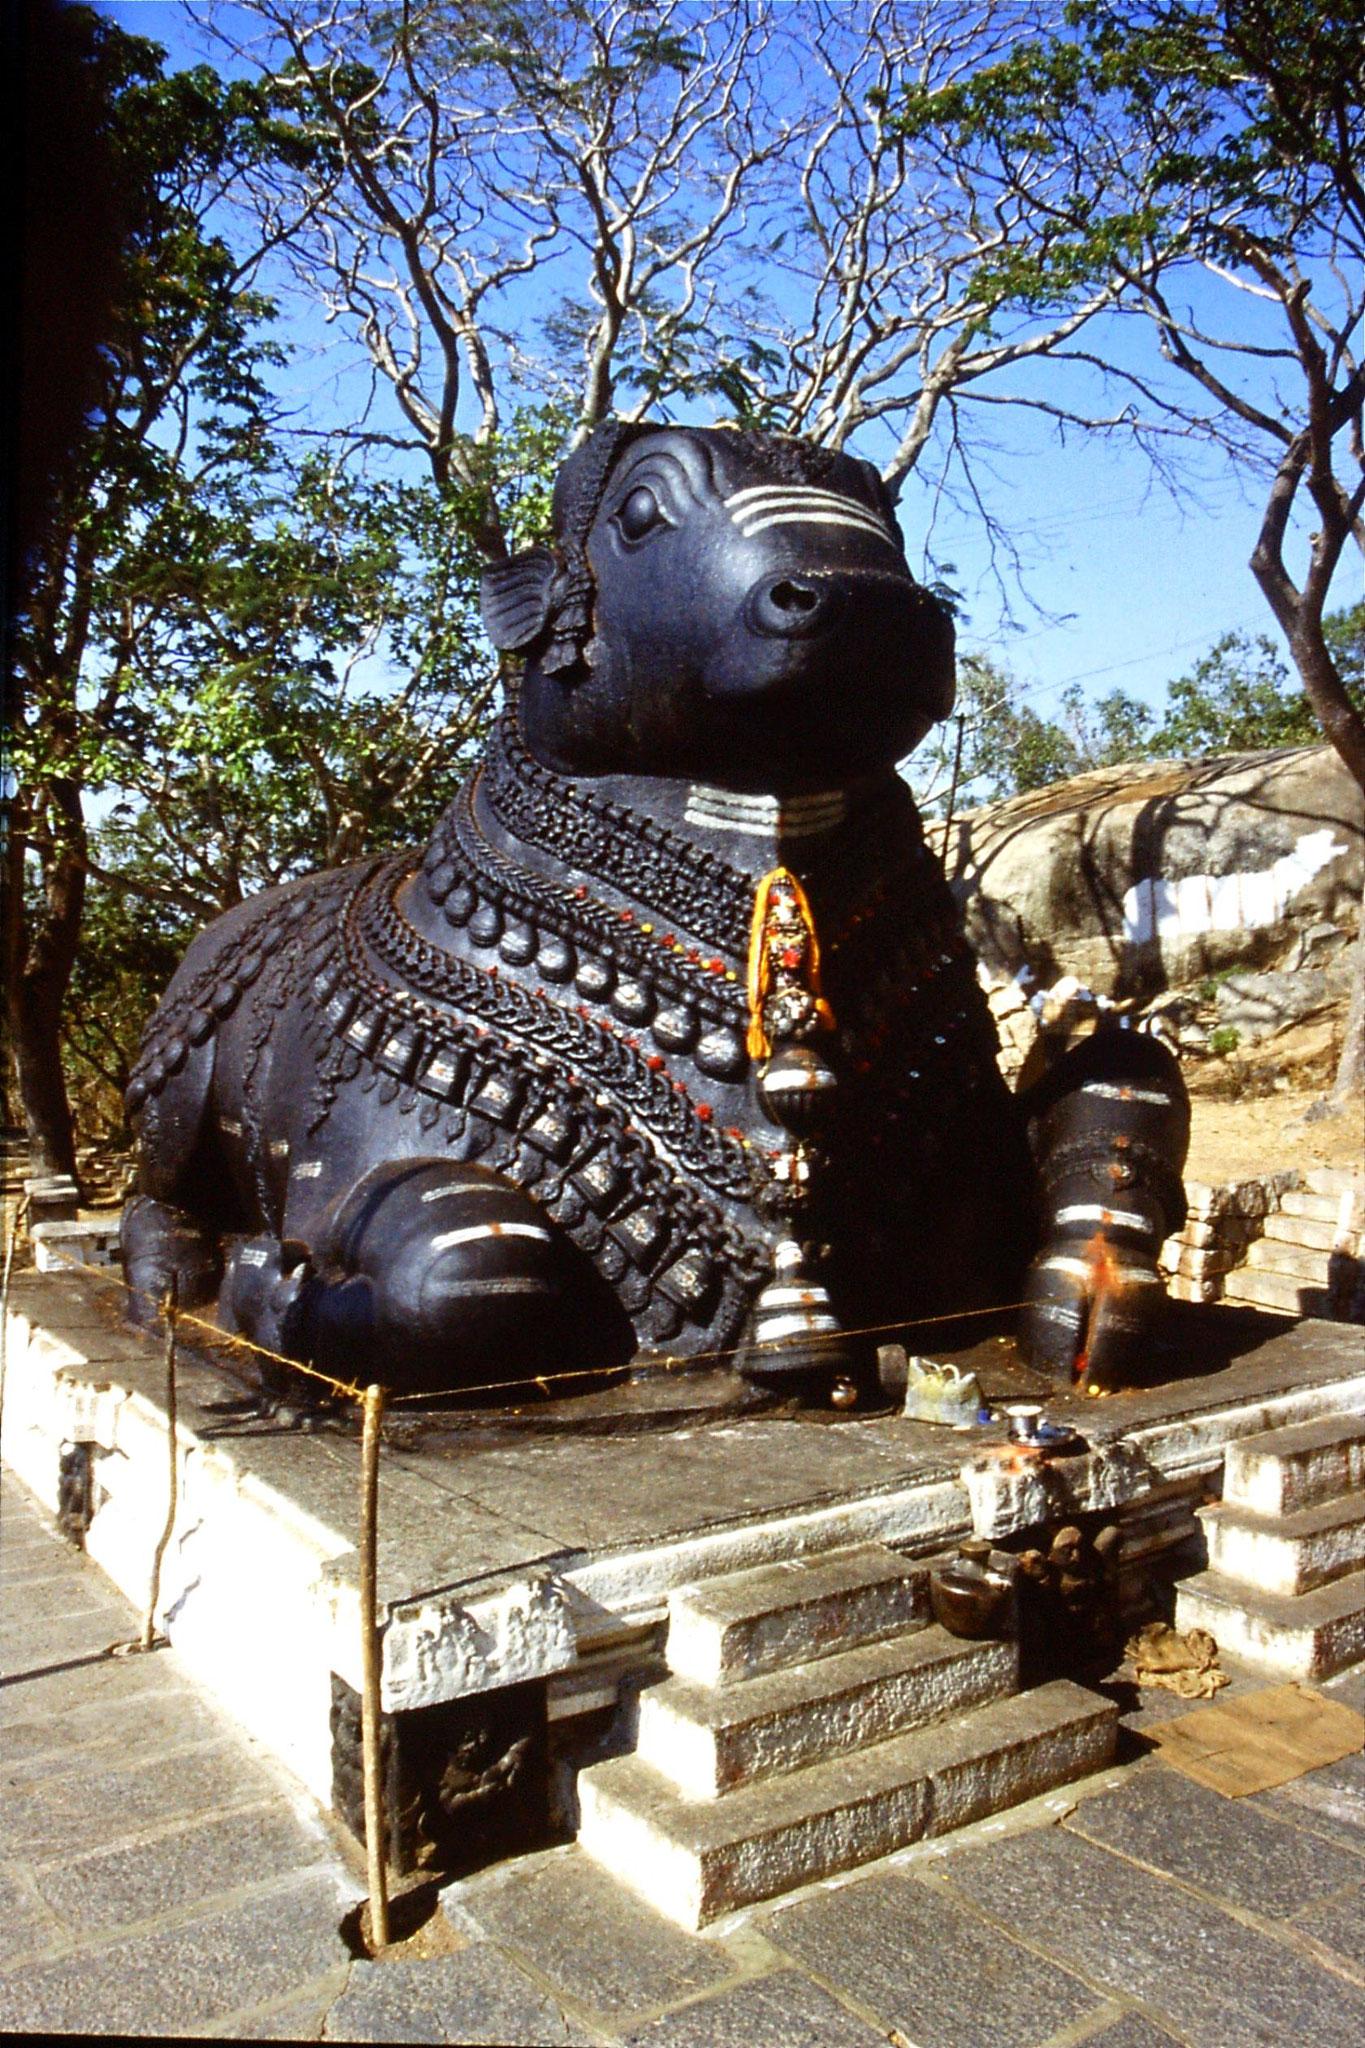 108/5: 12/3/1990 Mysore - Nandi - Shiva's bull